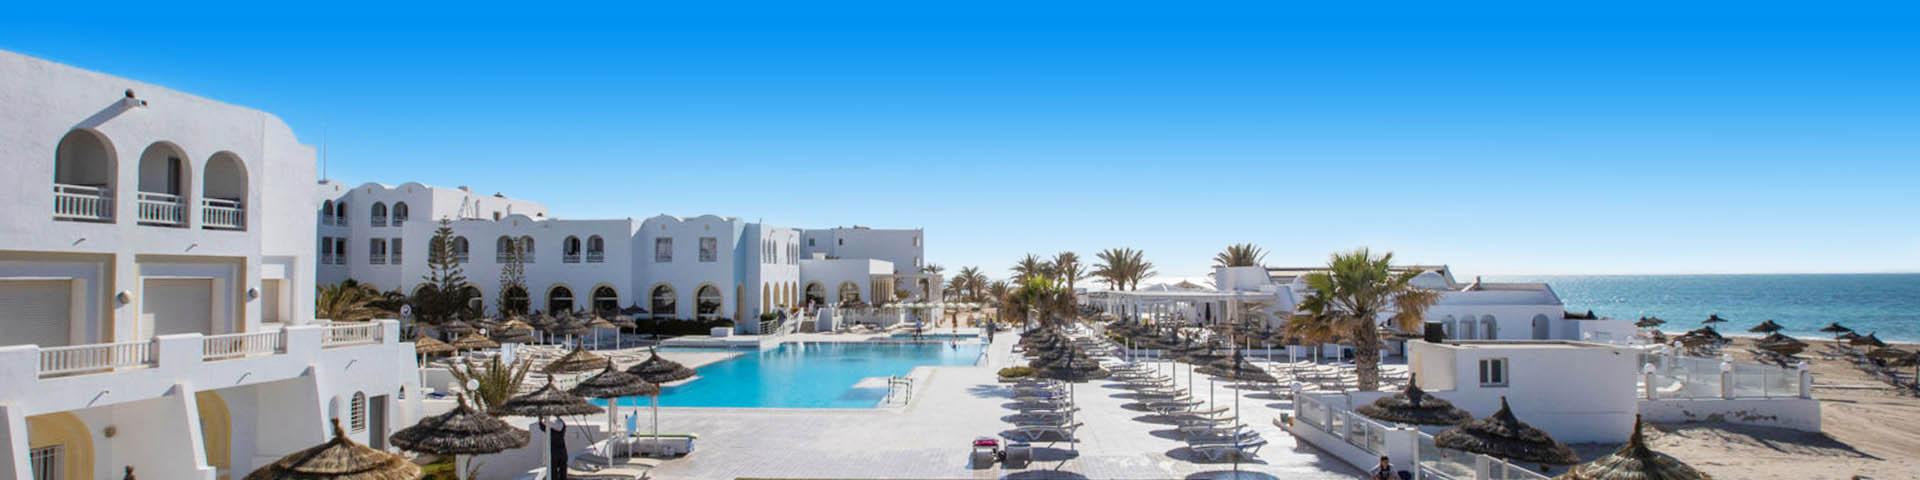 Een hotelgebouw van hotelketen Calimera met uitzicht op het zwembad